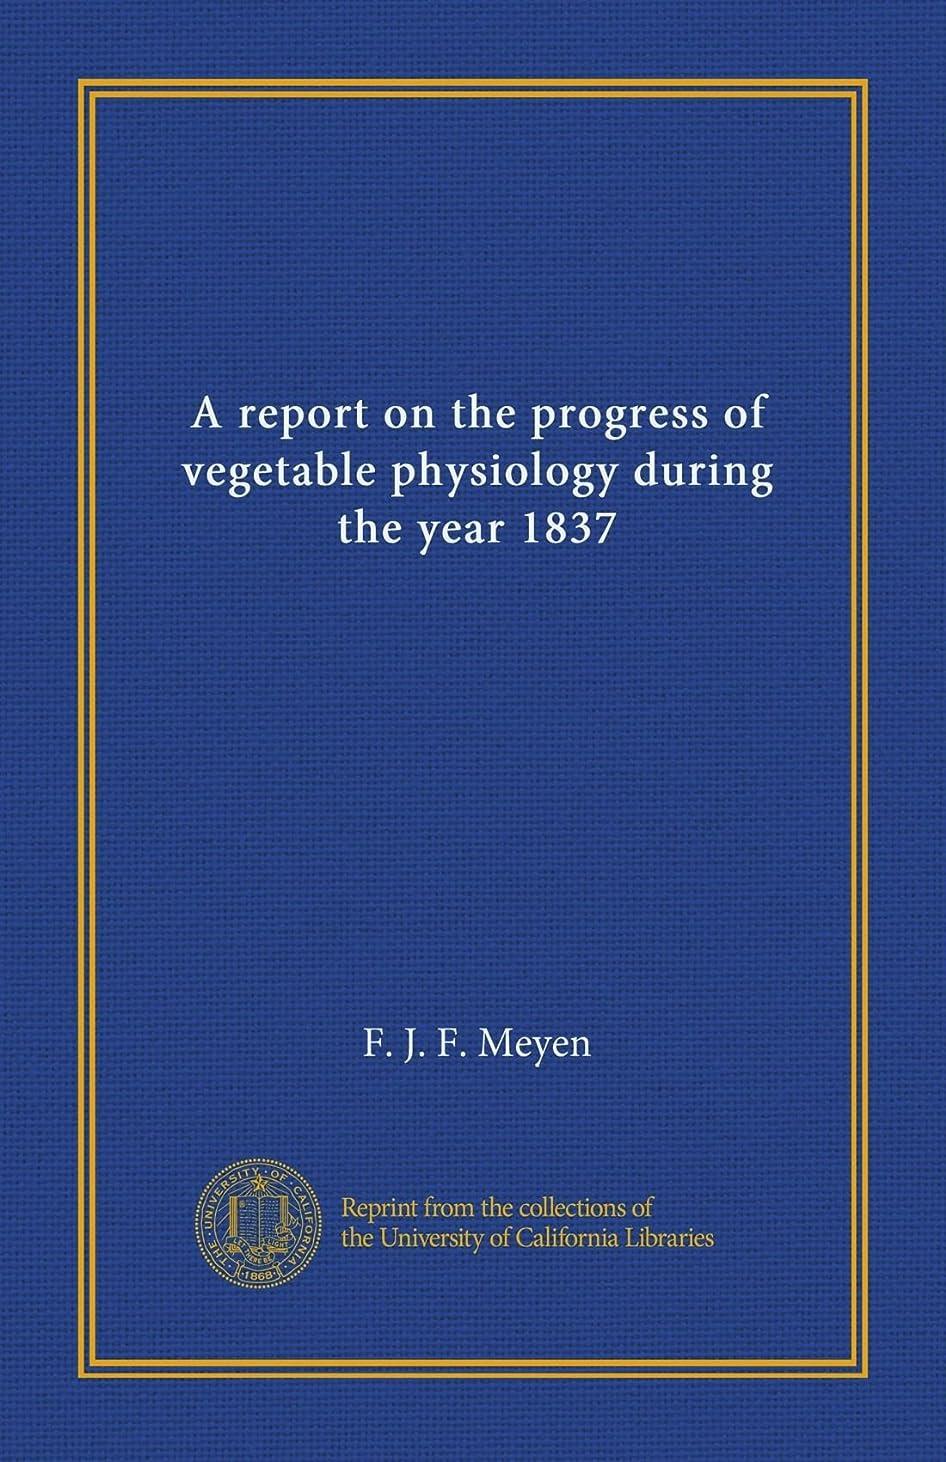 ヘロイン有力者定刻A report on the progress of vegetable physiology during the year 1837